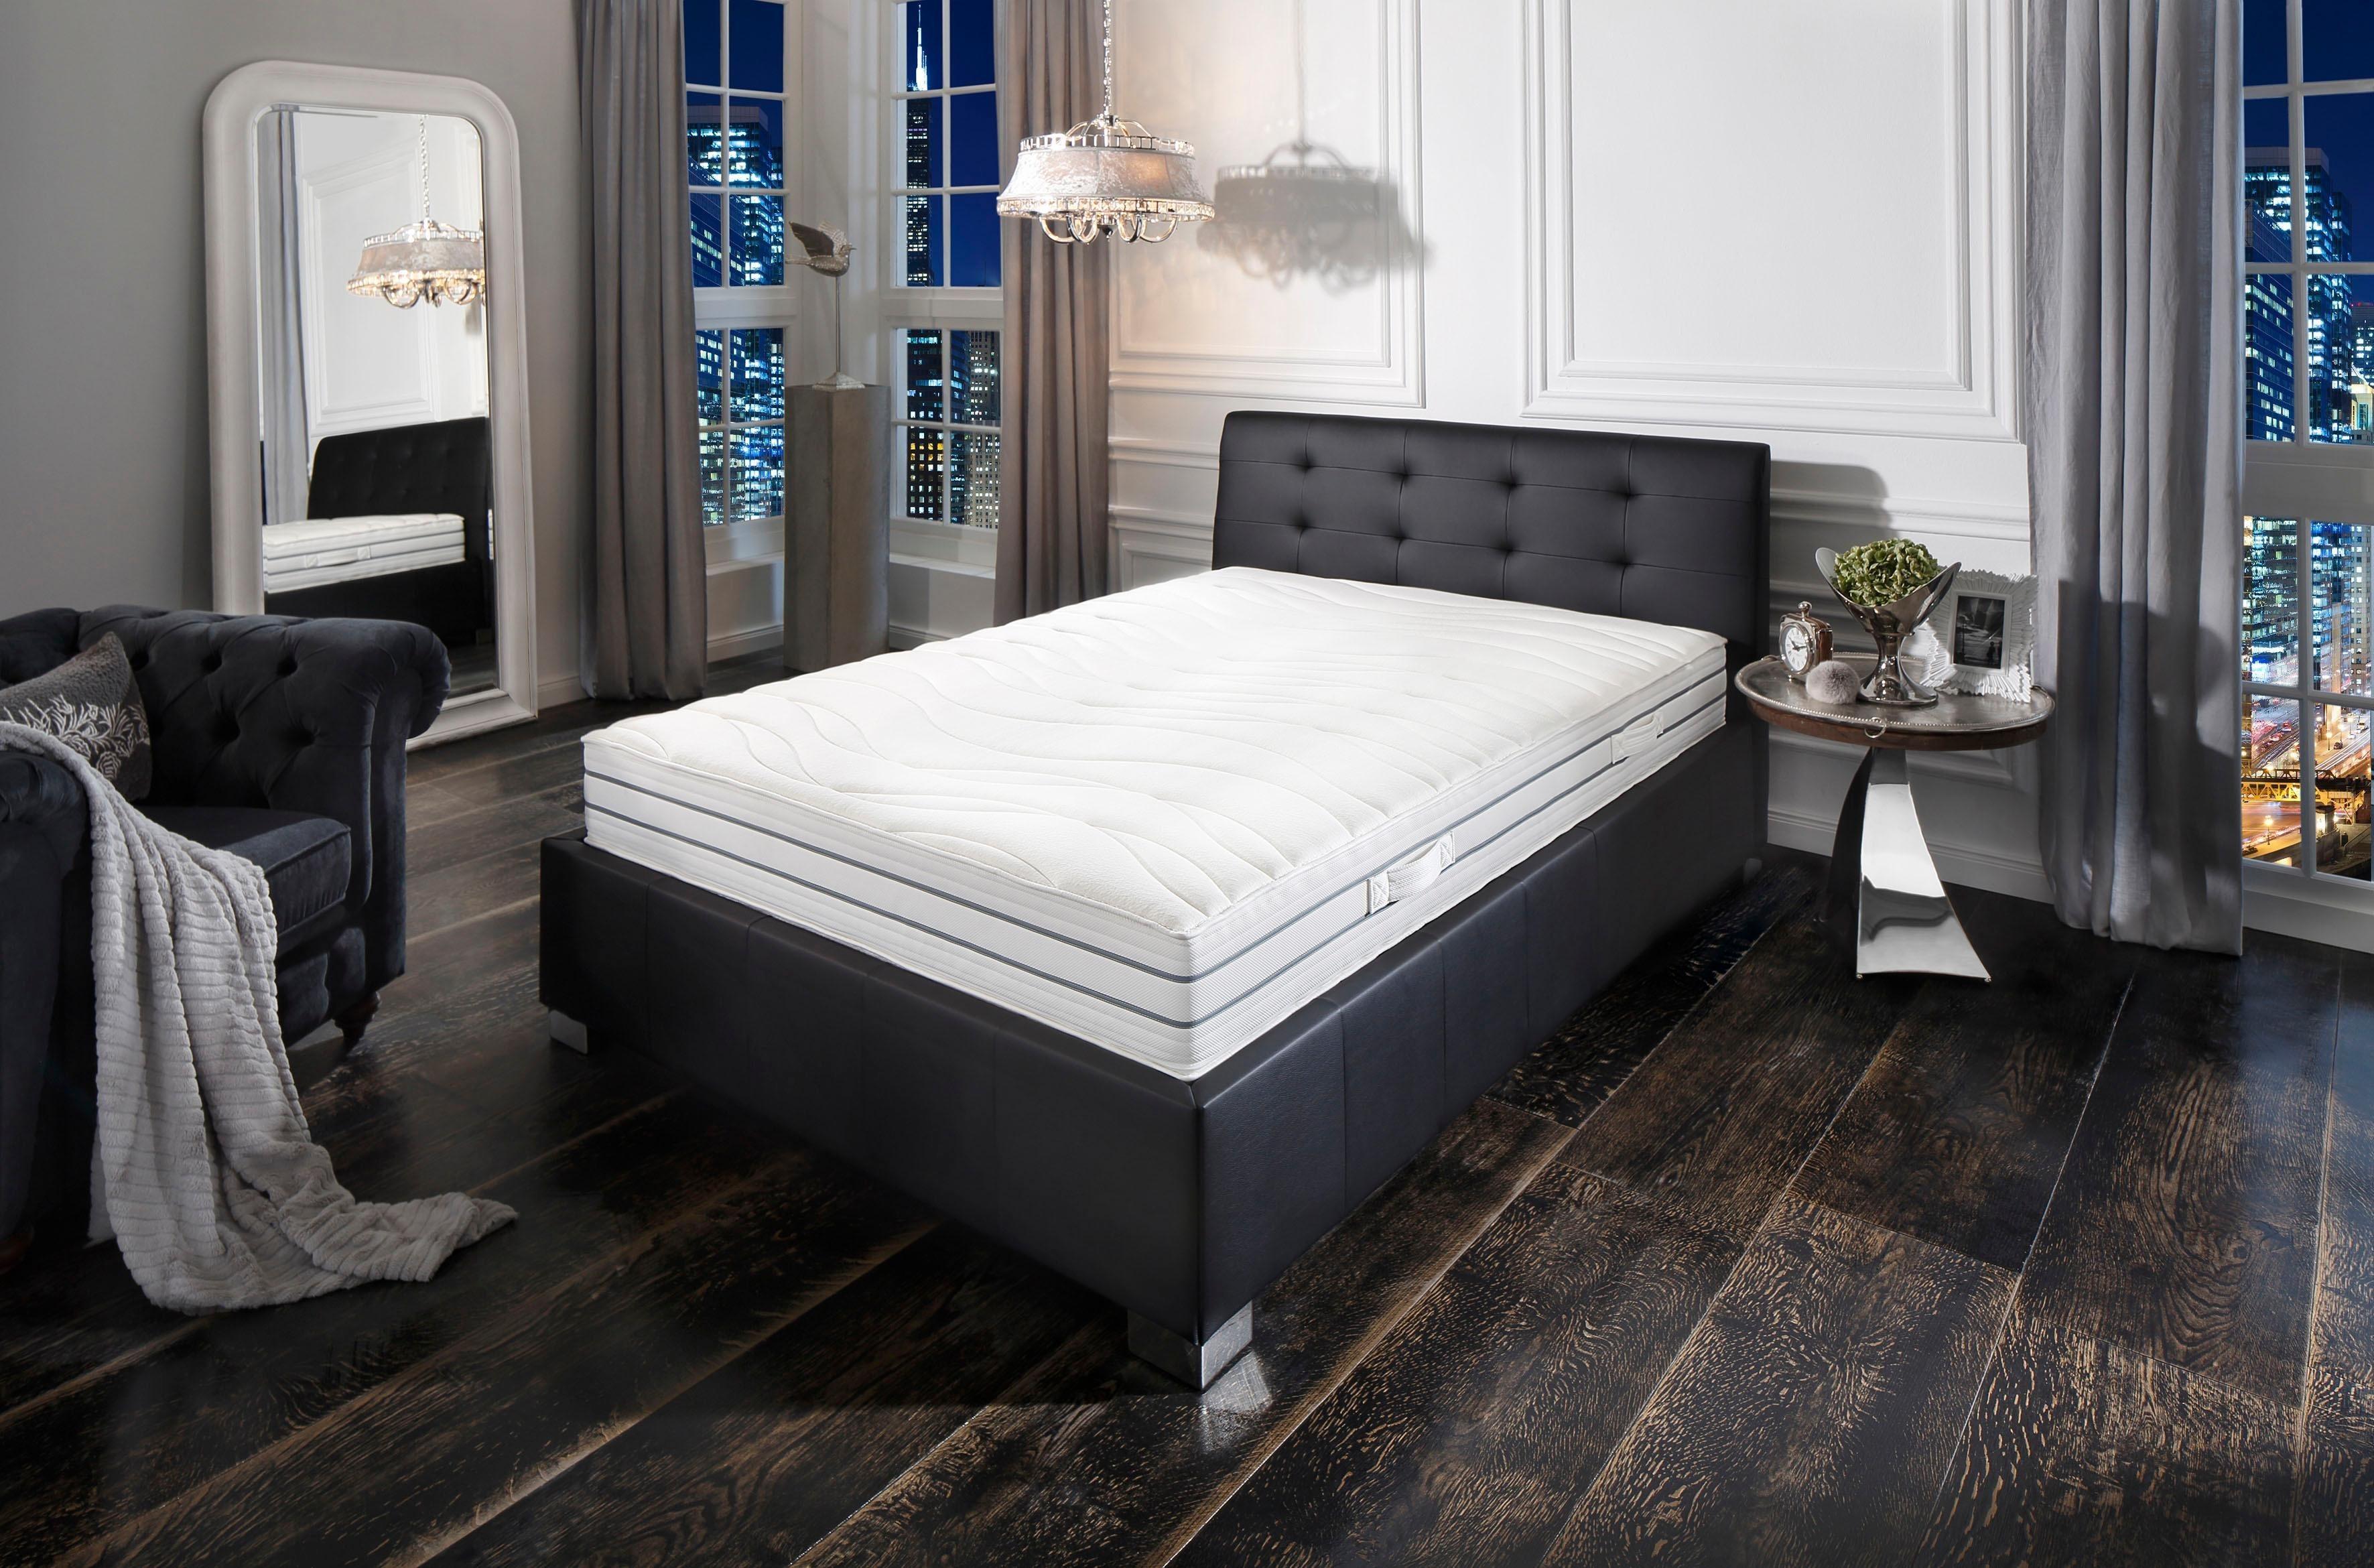 Komfortschaummatratze »Prestige De Luxe 23 S - Premium-Natur«, Schlaf-Gut, 23 cm hoch, Raumgewicht: 30, (1-tlg), abnehmbarer Bezug | Schlafzimmer > Matratzen > Kaltschaum-matratzen | Schlaf-Gut